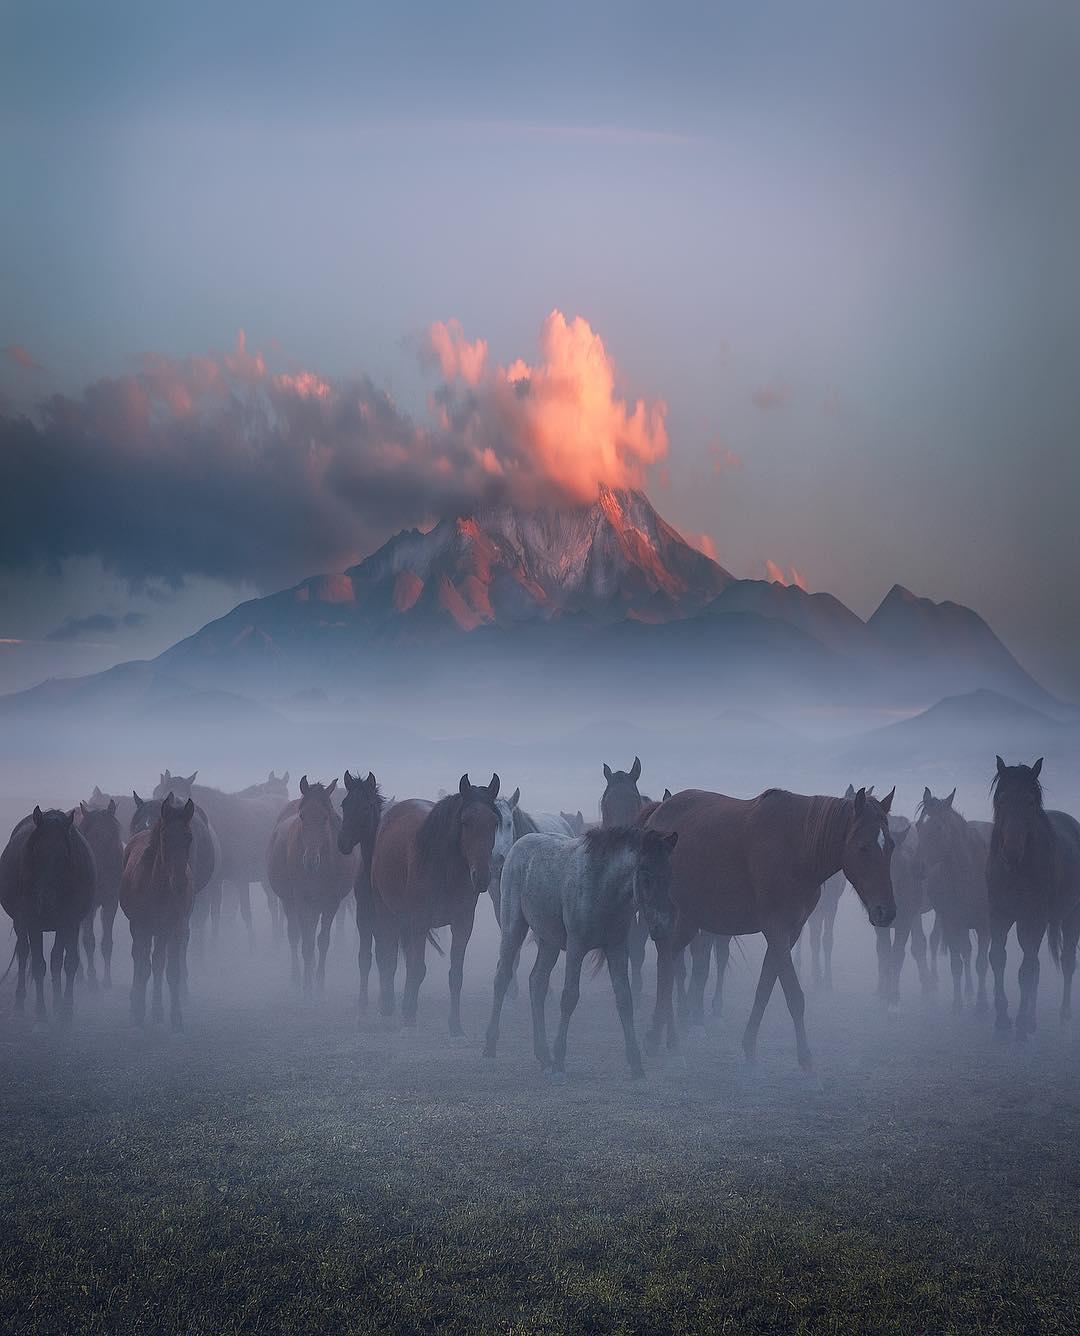 Incredible Photography Cuma Cev - photogrist | ello